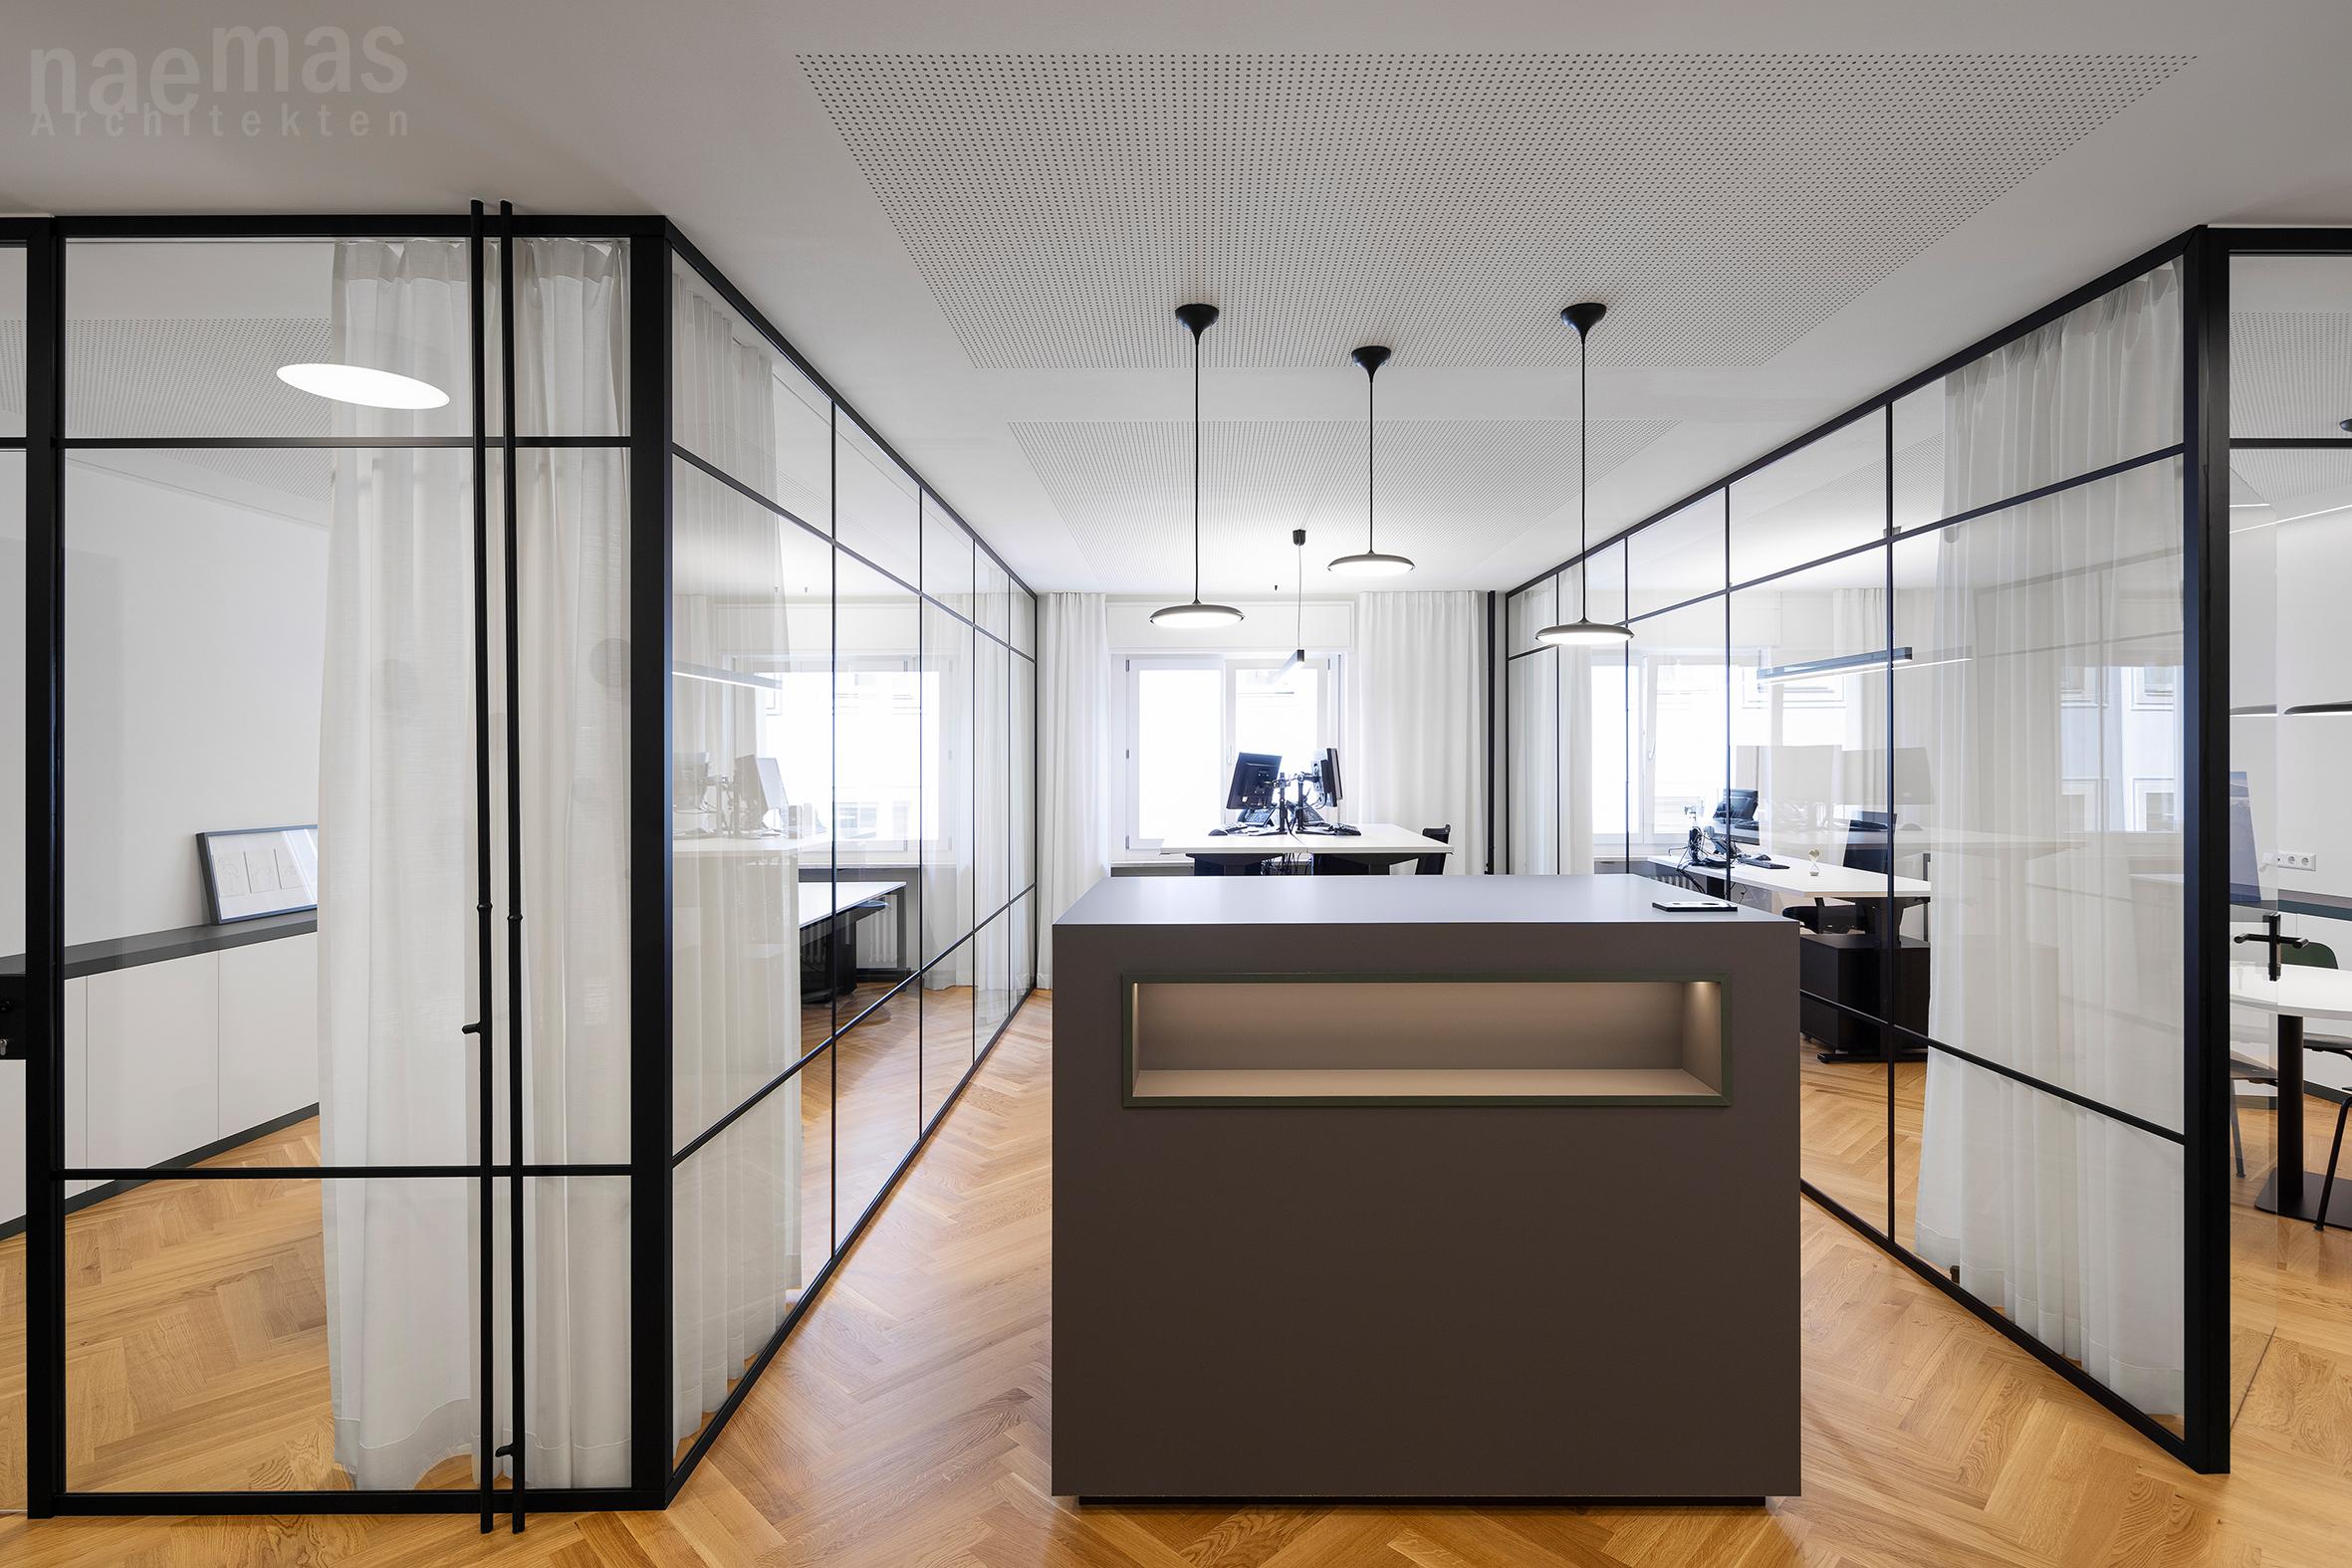 naemas Architekten_*STUDIO MUNTER Bozen